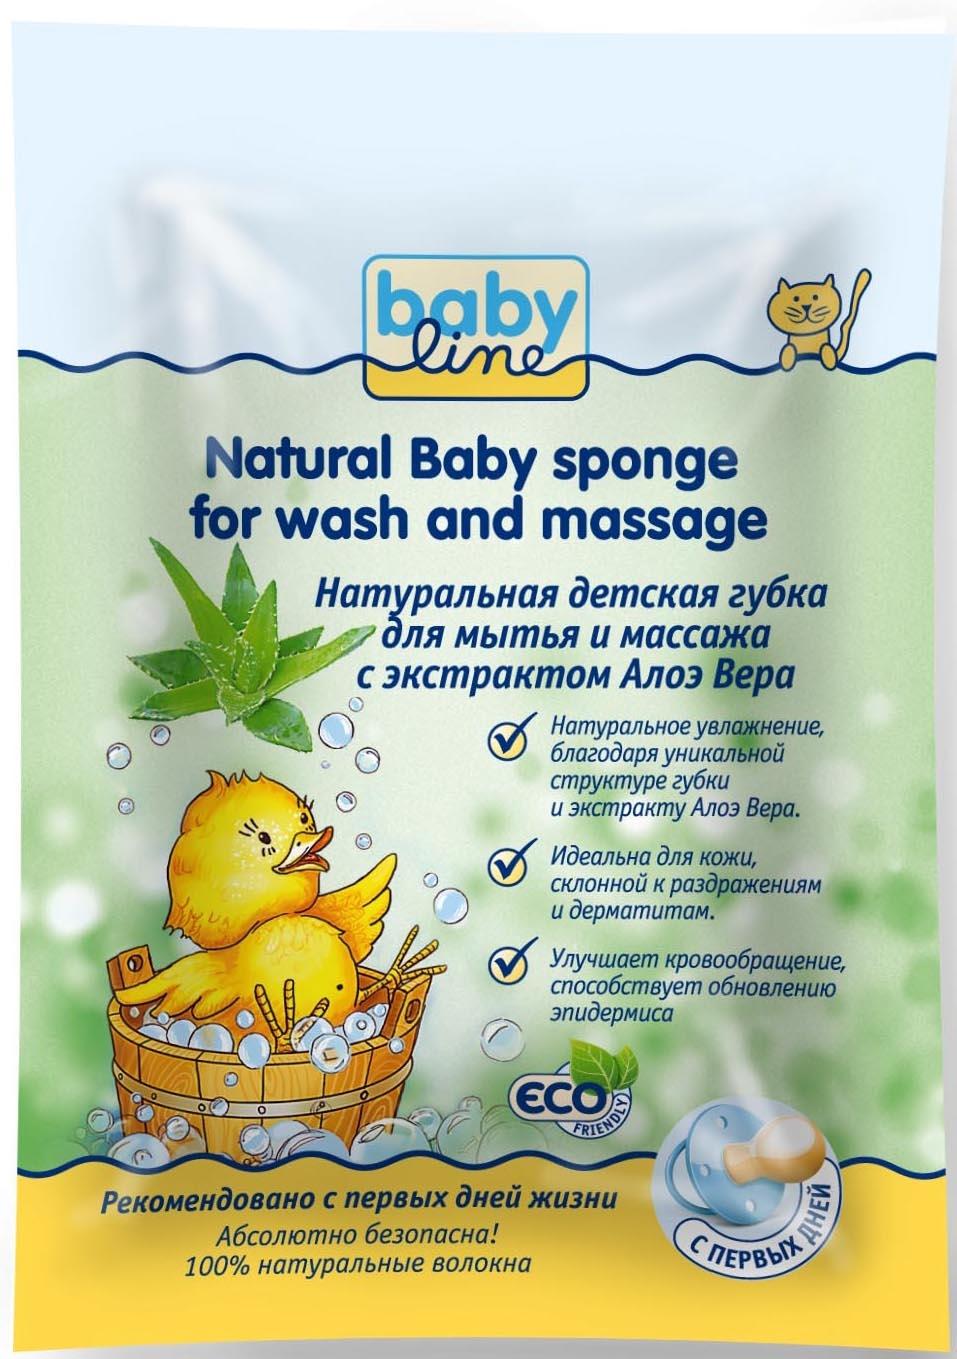 Губки и мочалки BABYLINE Натуральная детская губка для мытья и массажа с экстрактом алоэ мочалки 7 морей губка натуральная морская детская хард тайп 3 0 3 5 дюйма